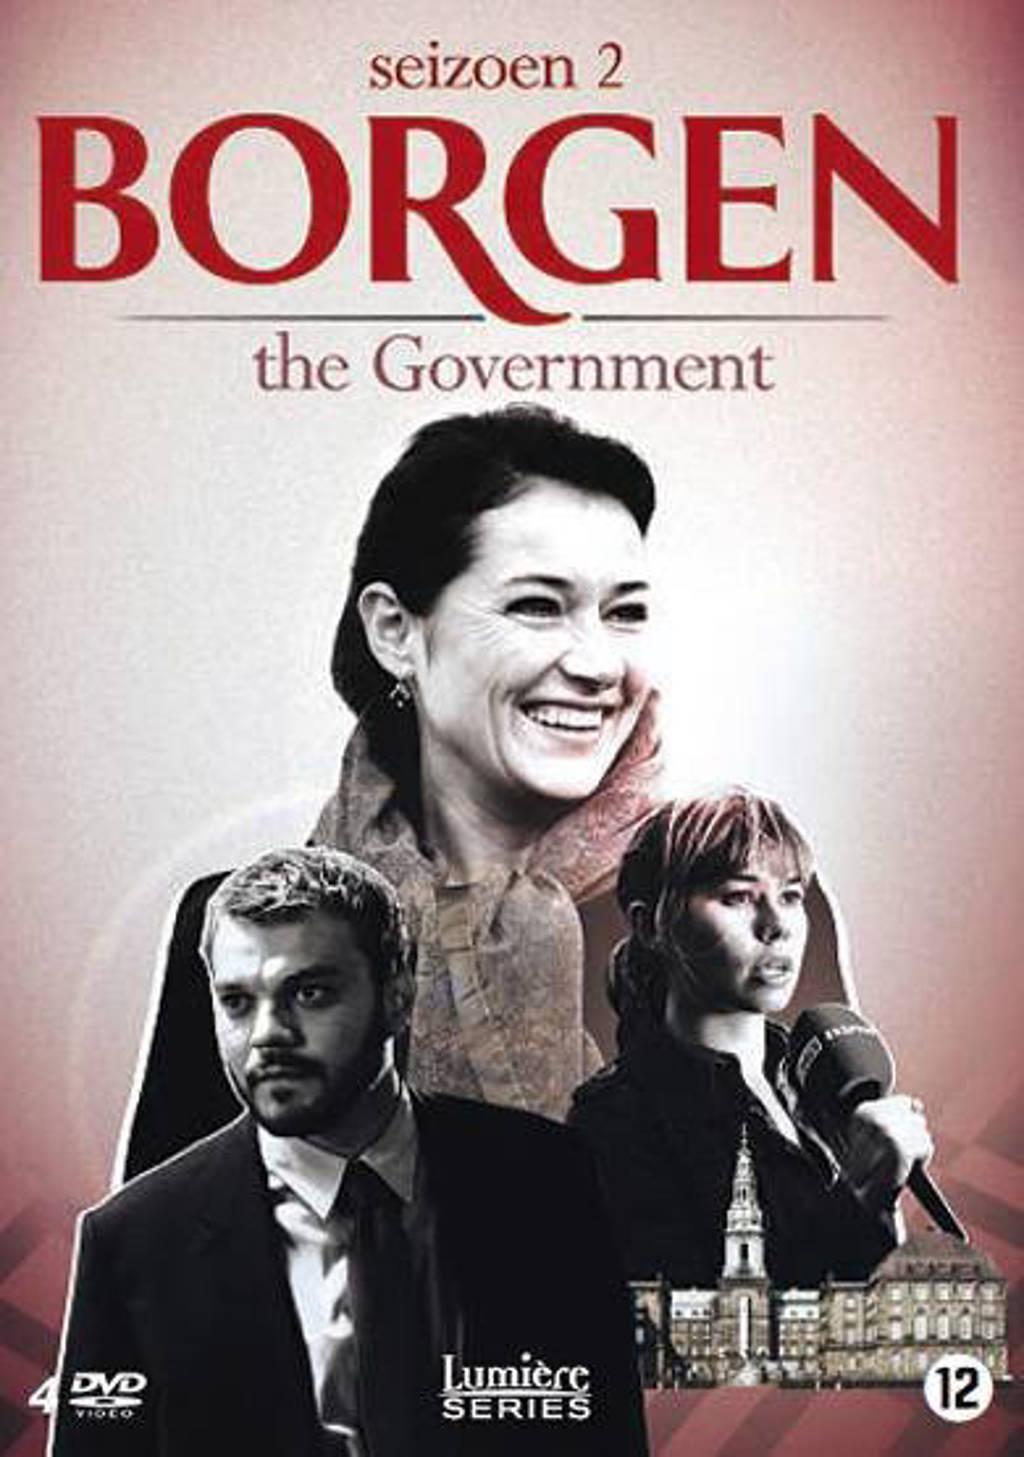 Borgen the government - Seizoen 2 (DVD)